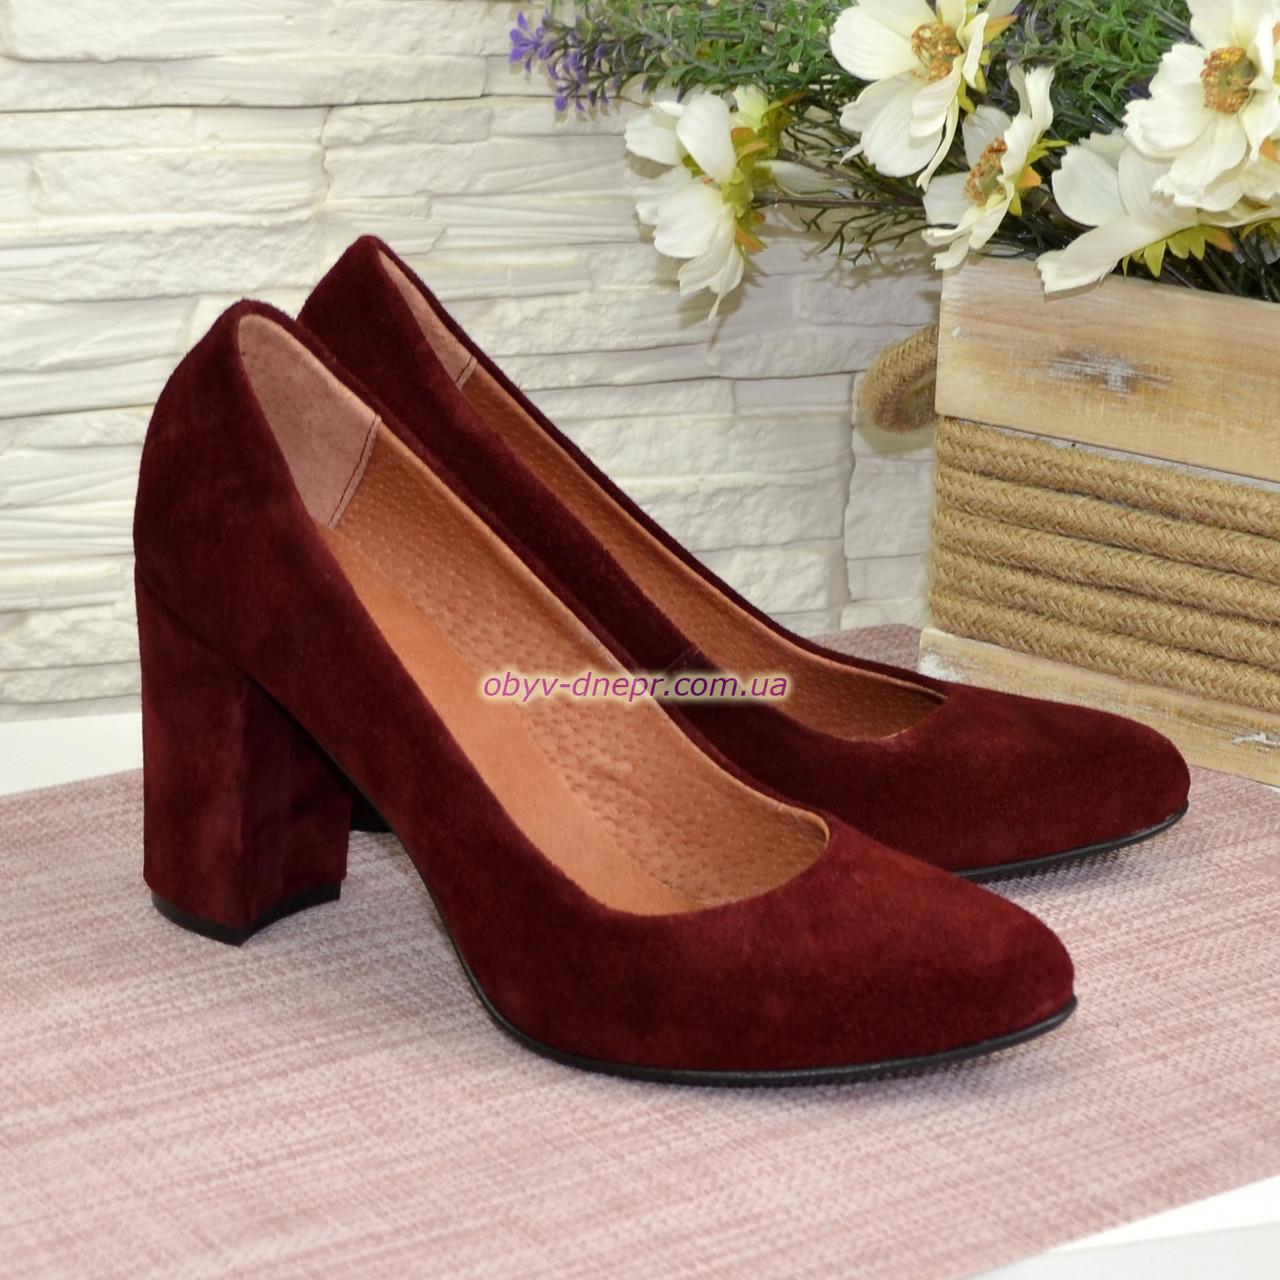 """Туфли женские замшевые на высоком каблуке, цвет бордо. ТМ """"Maestro"""""""